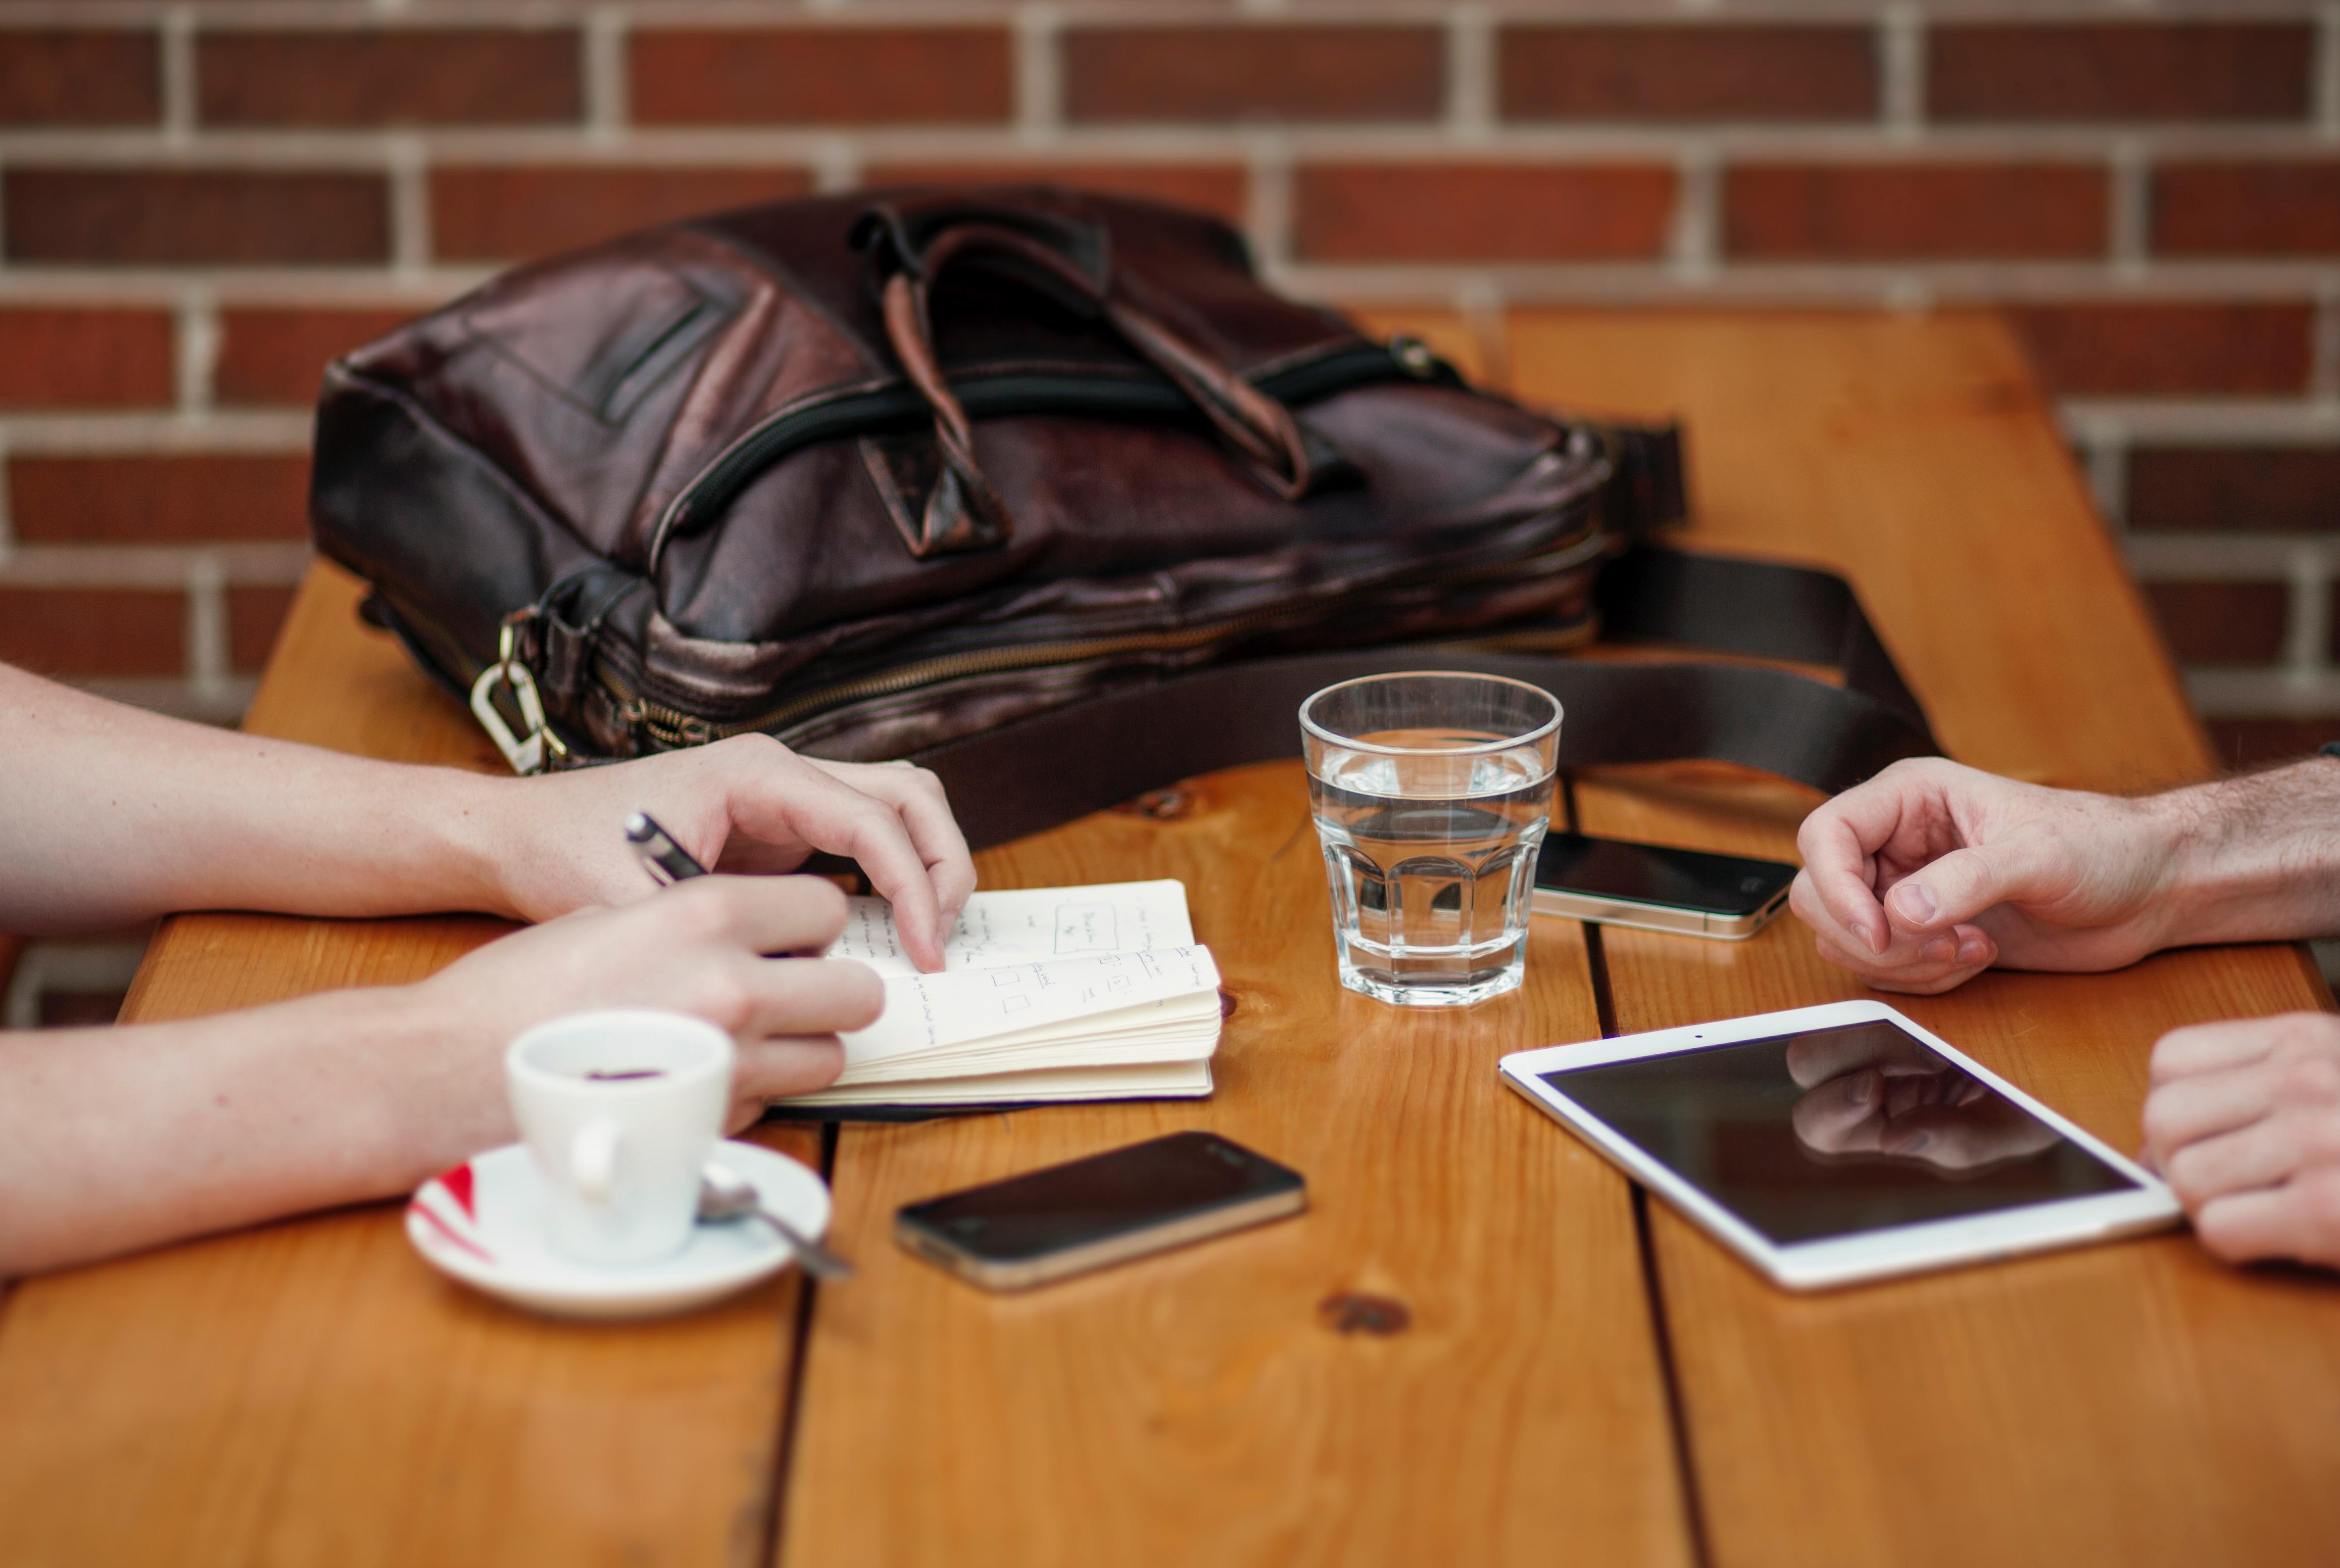 os-6-passos-para-iniciar-sua-startup-de-forma-eficiente